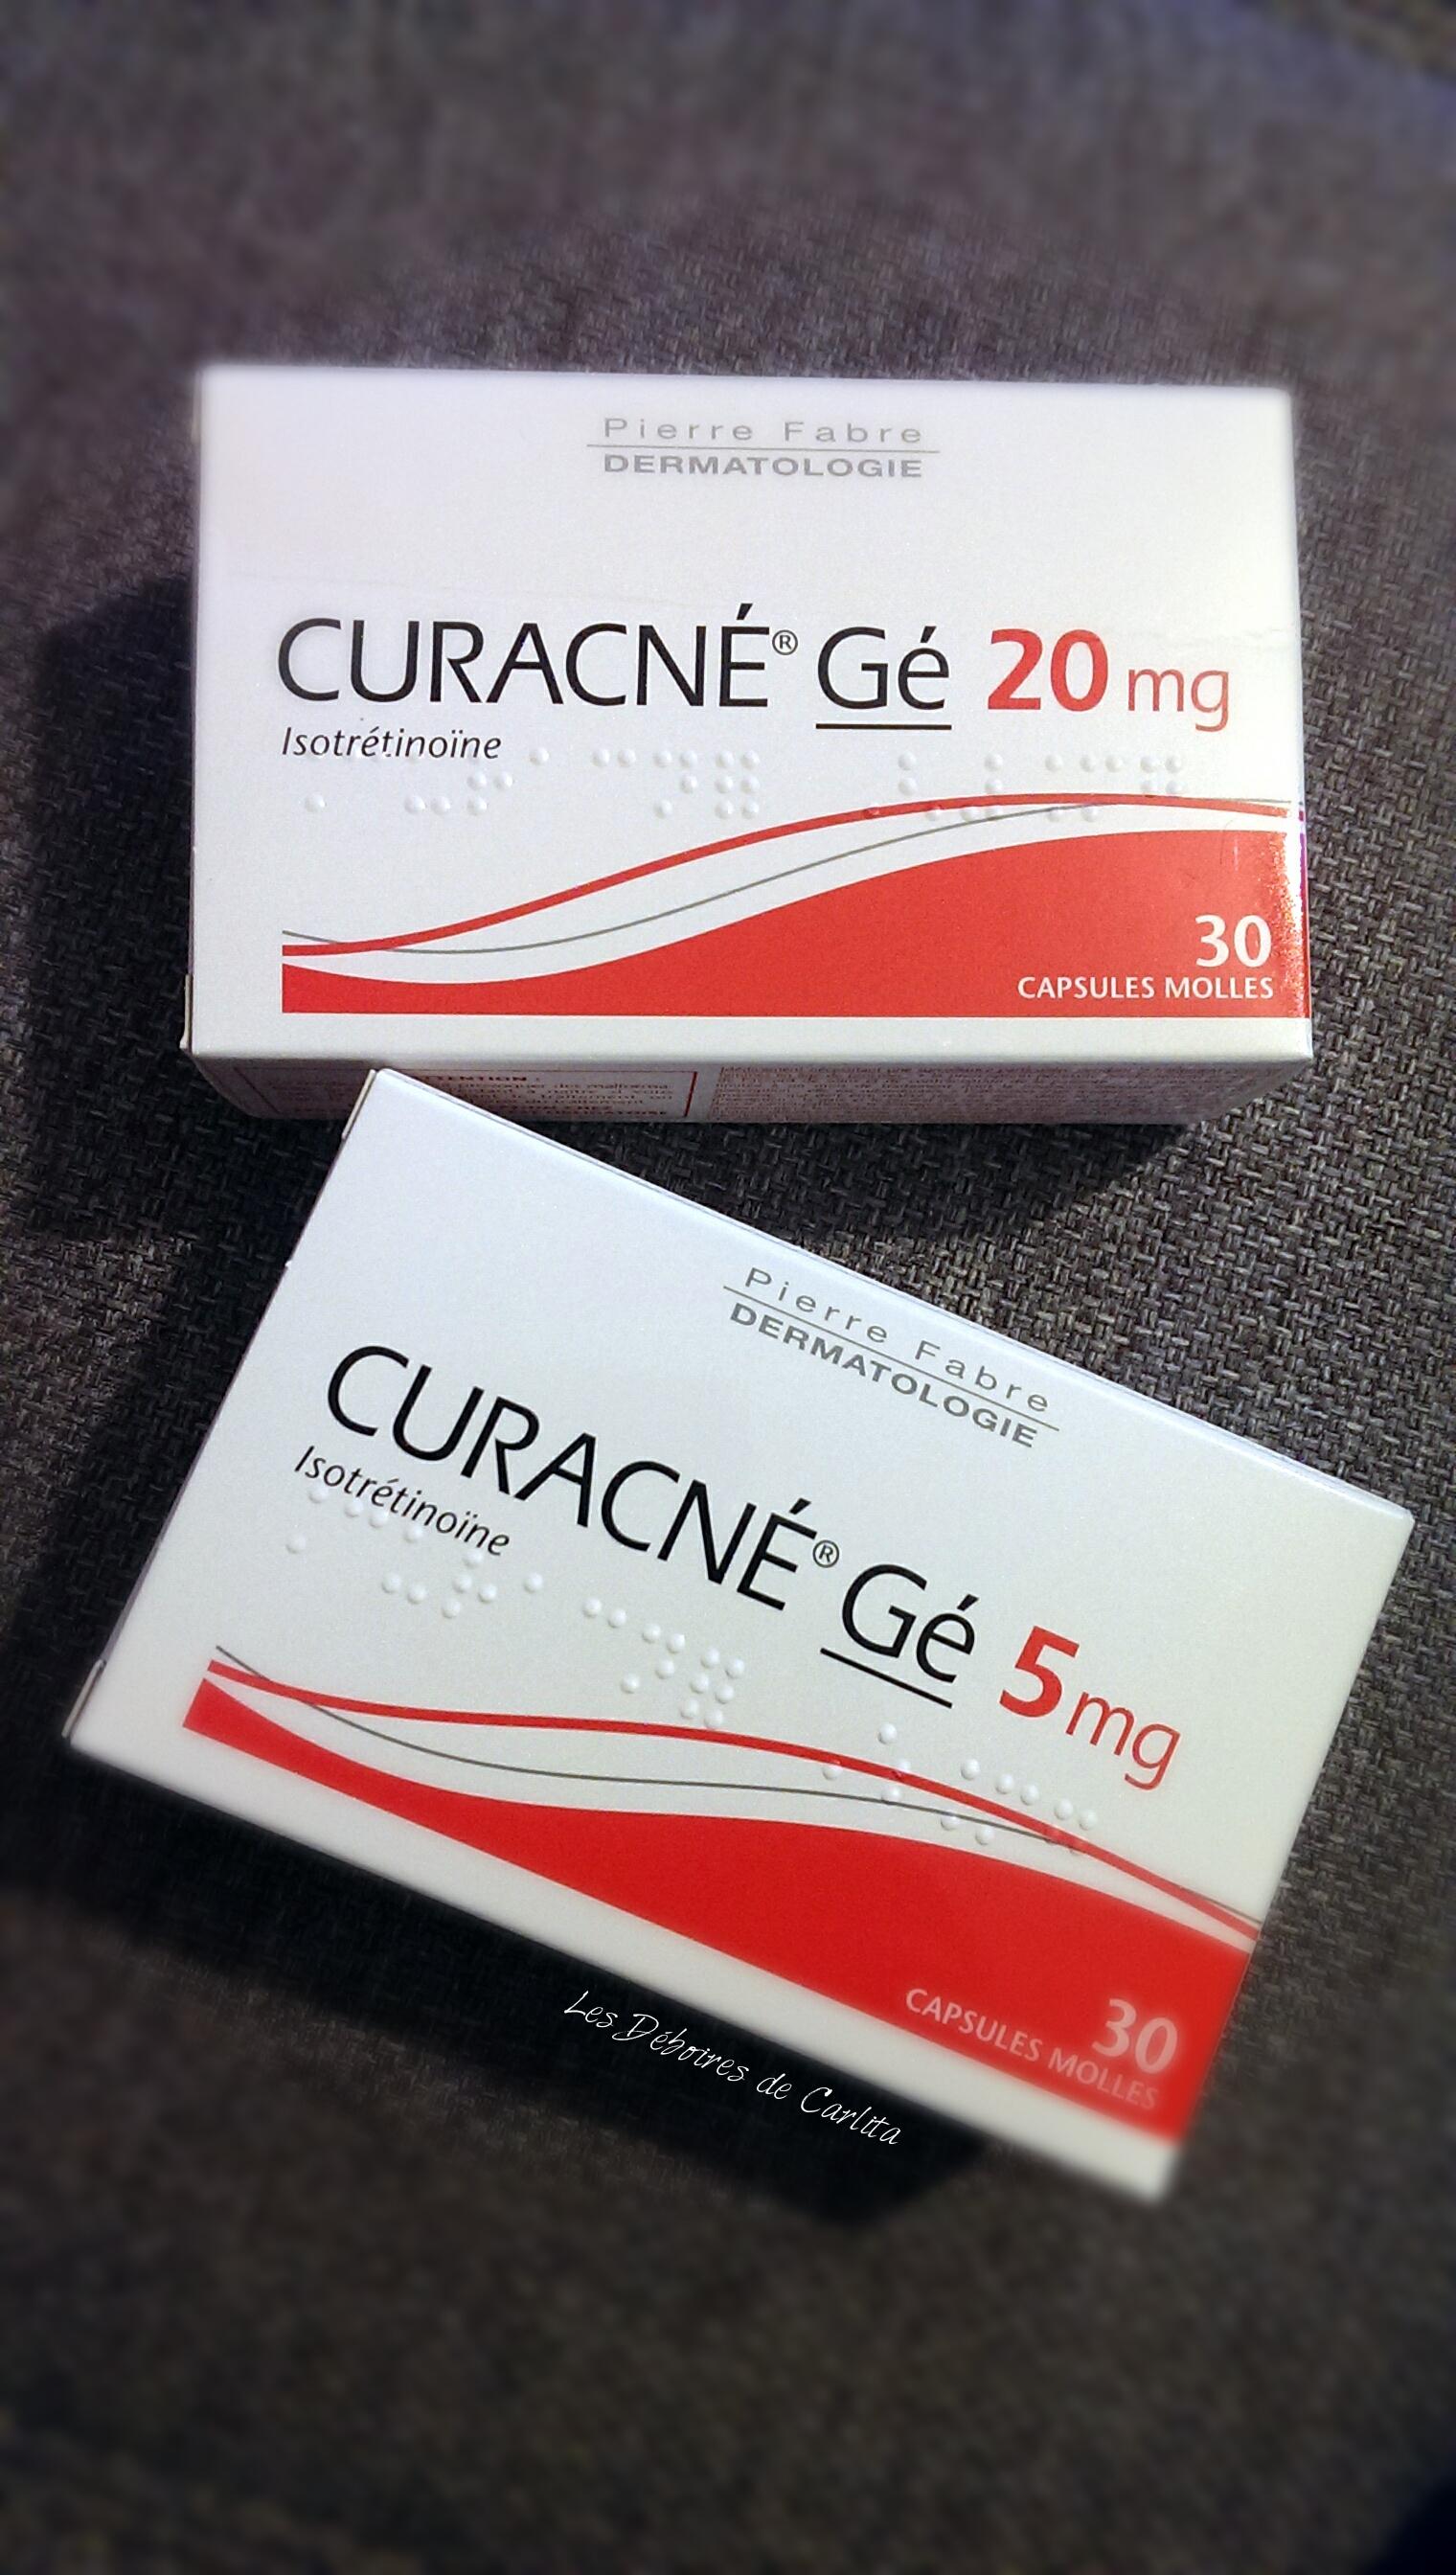 Roaccutane premier mois / Medicament prednisolone zentiva